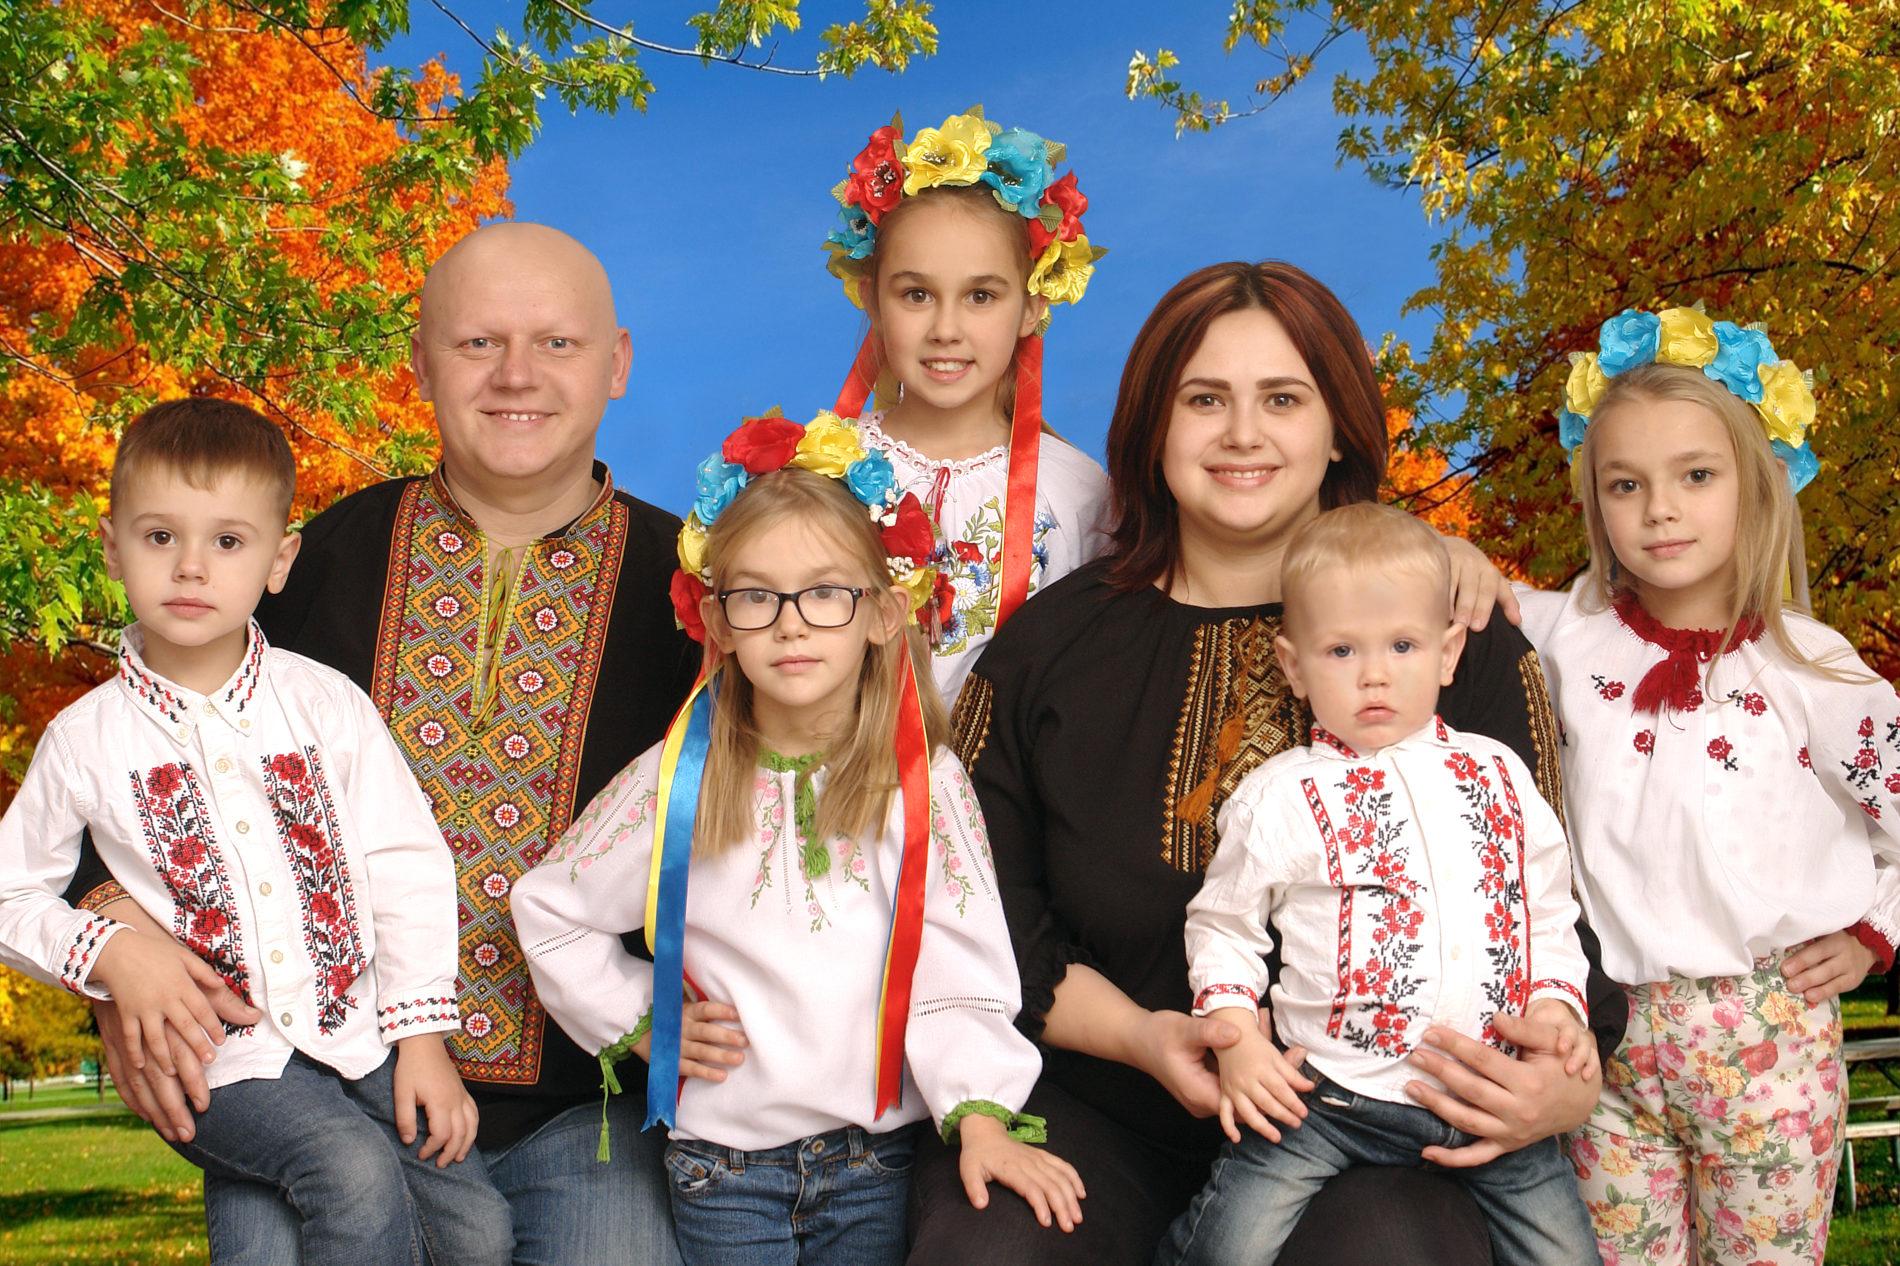 Роман Полікровський: «Зміни в країні почнуться з особистого почуття відповідальності якомога більшої кількості людей!»